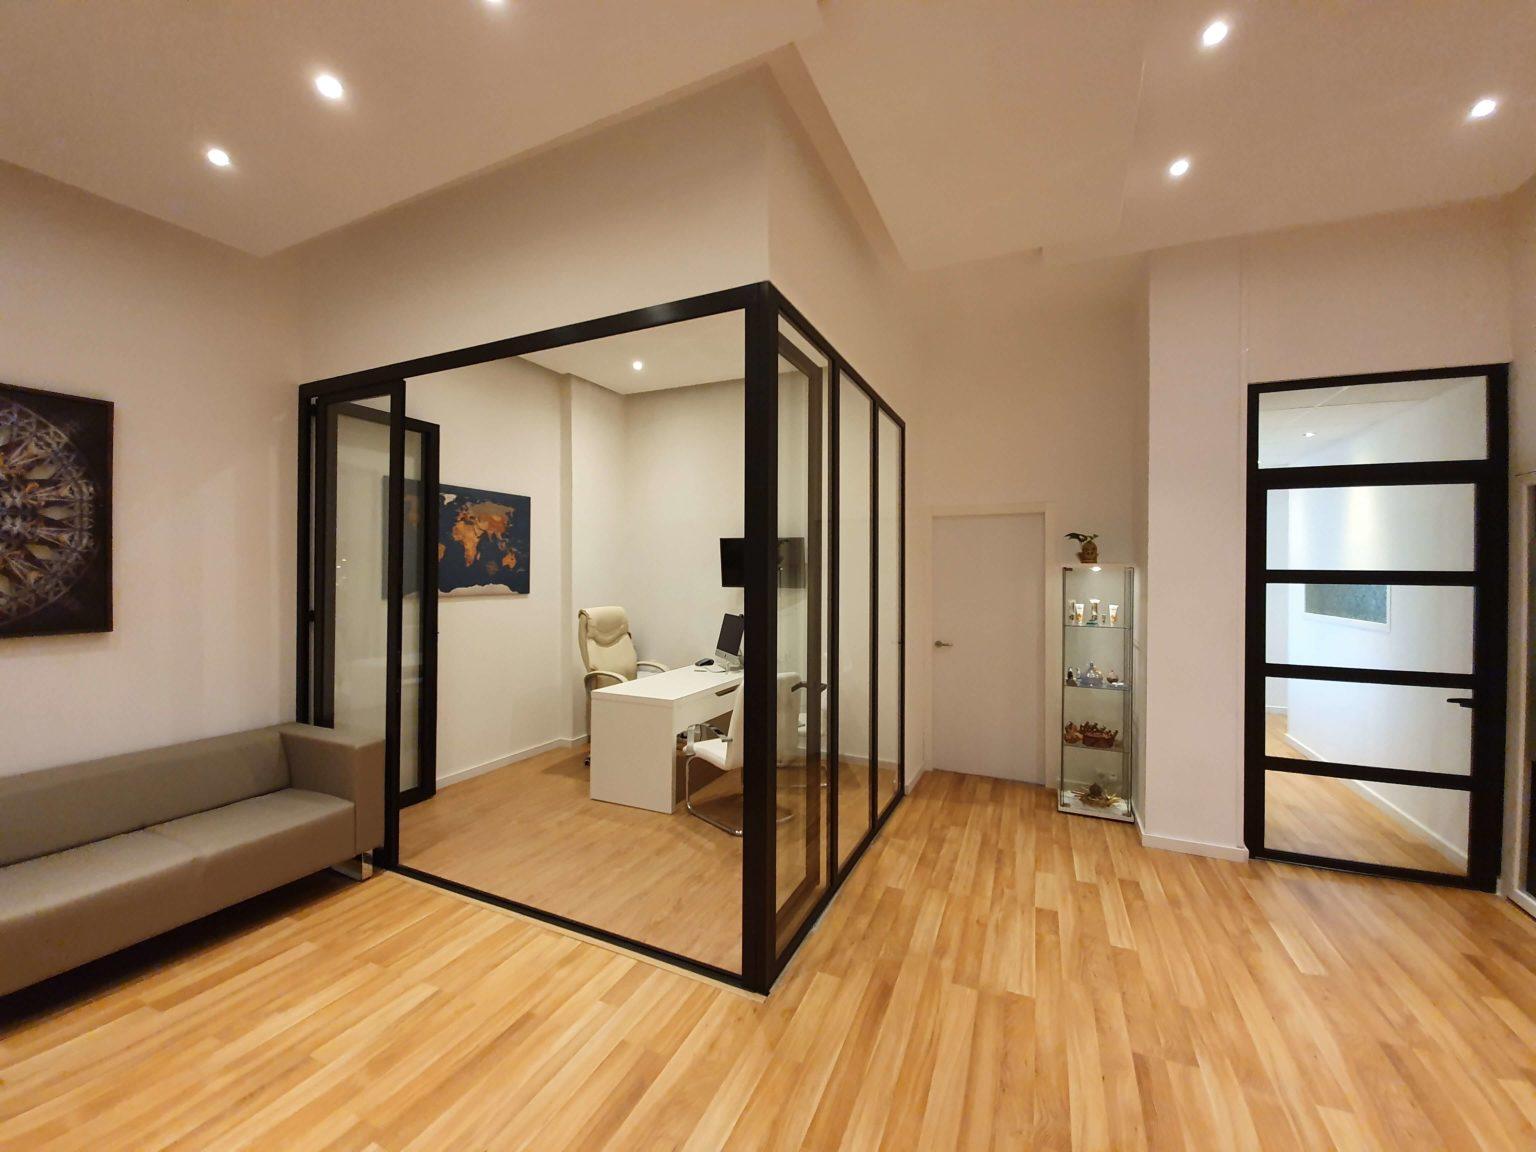 Mampara divisoria y puerta de aluminio lacado en negro